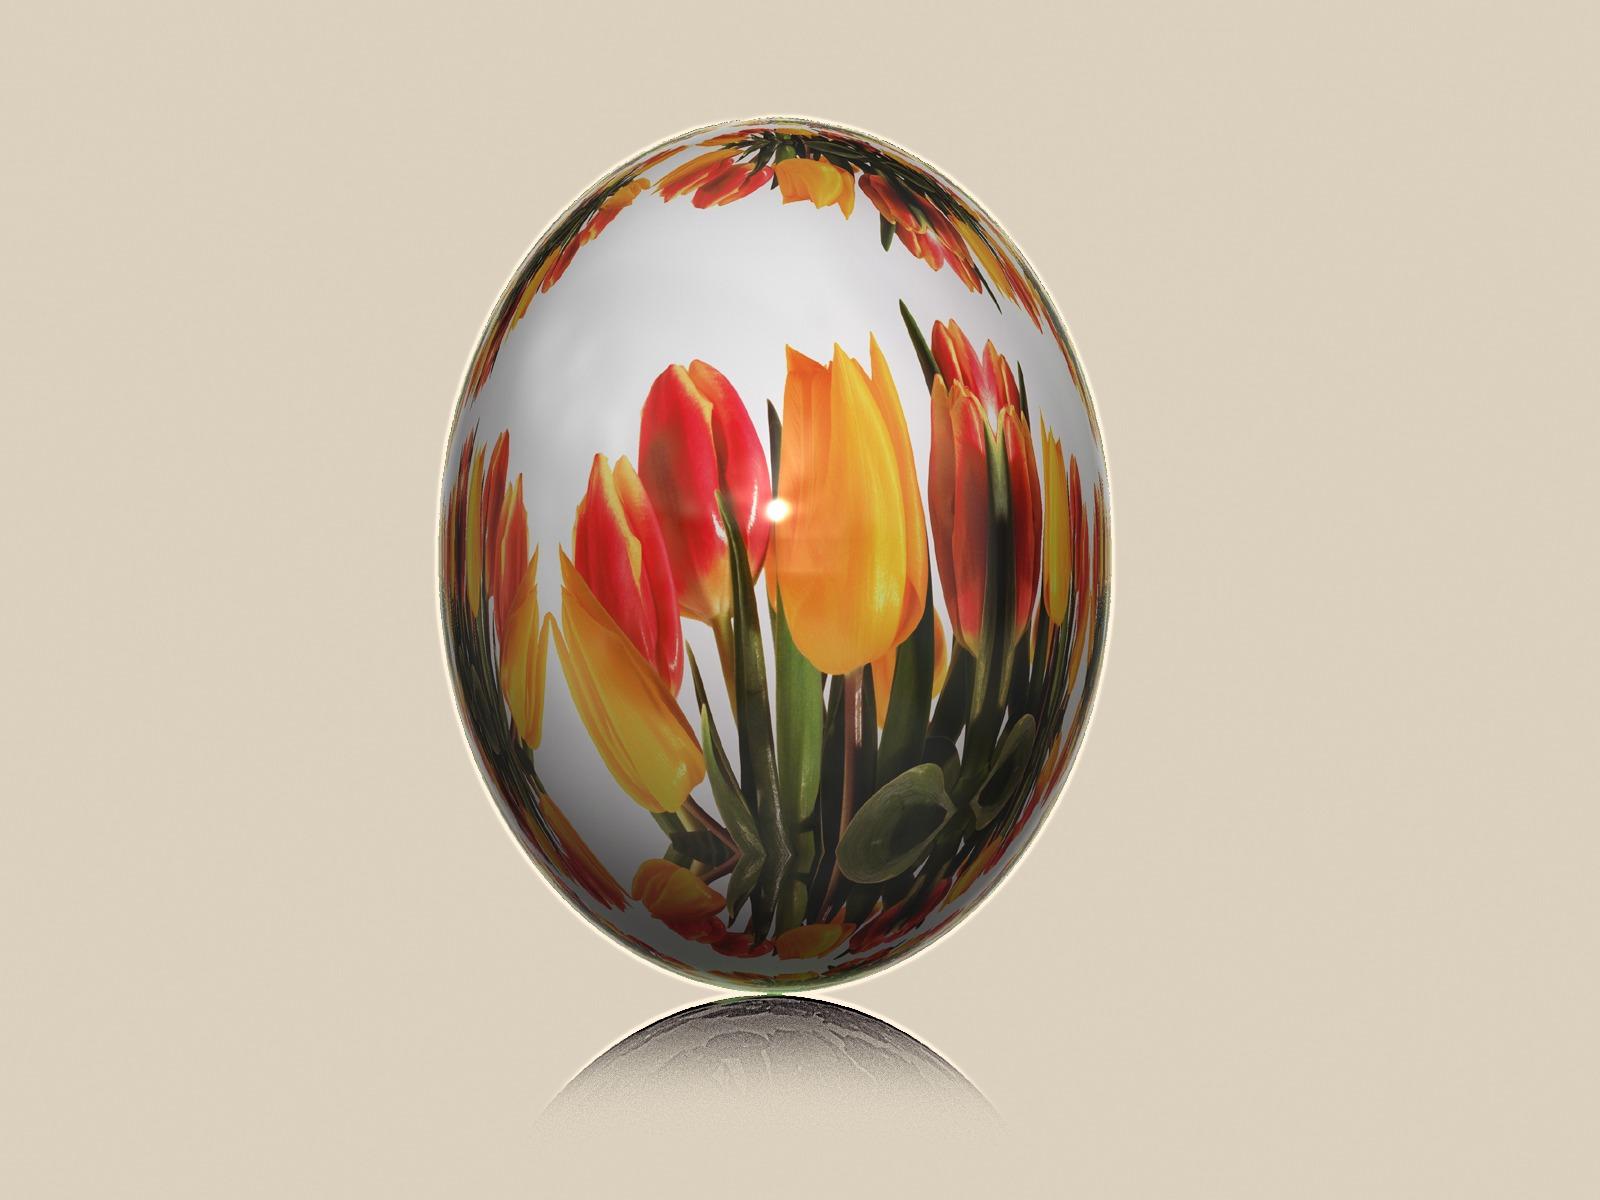 húsvéti képek húsvéti képeslapok húsvéti kép